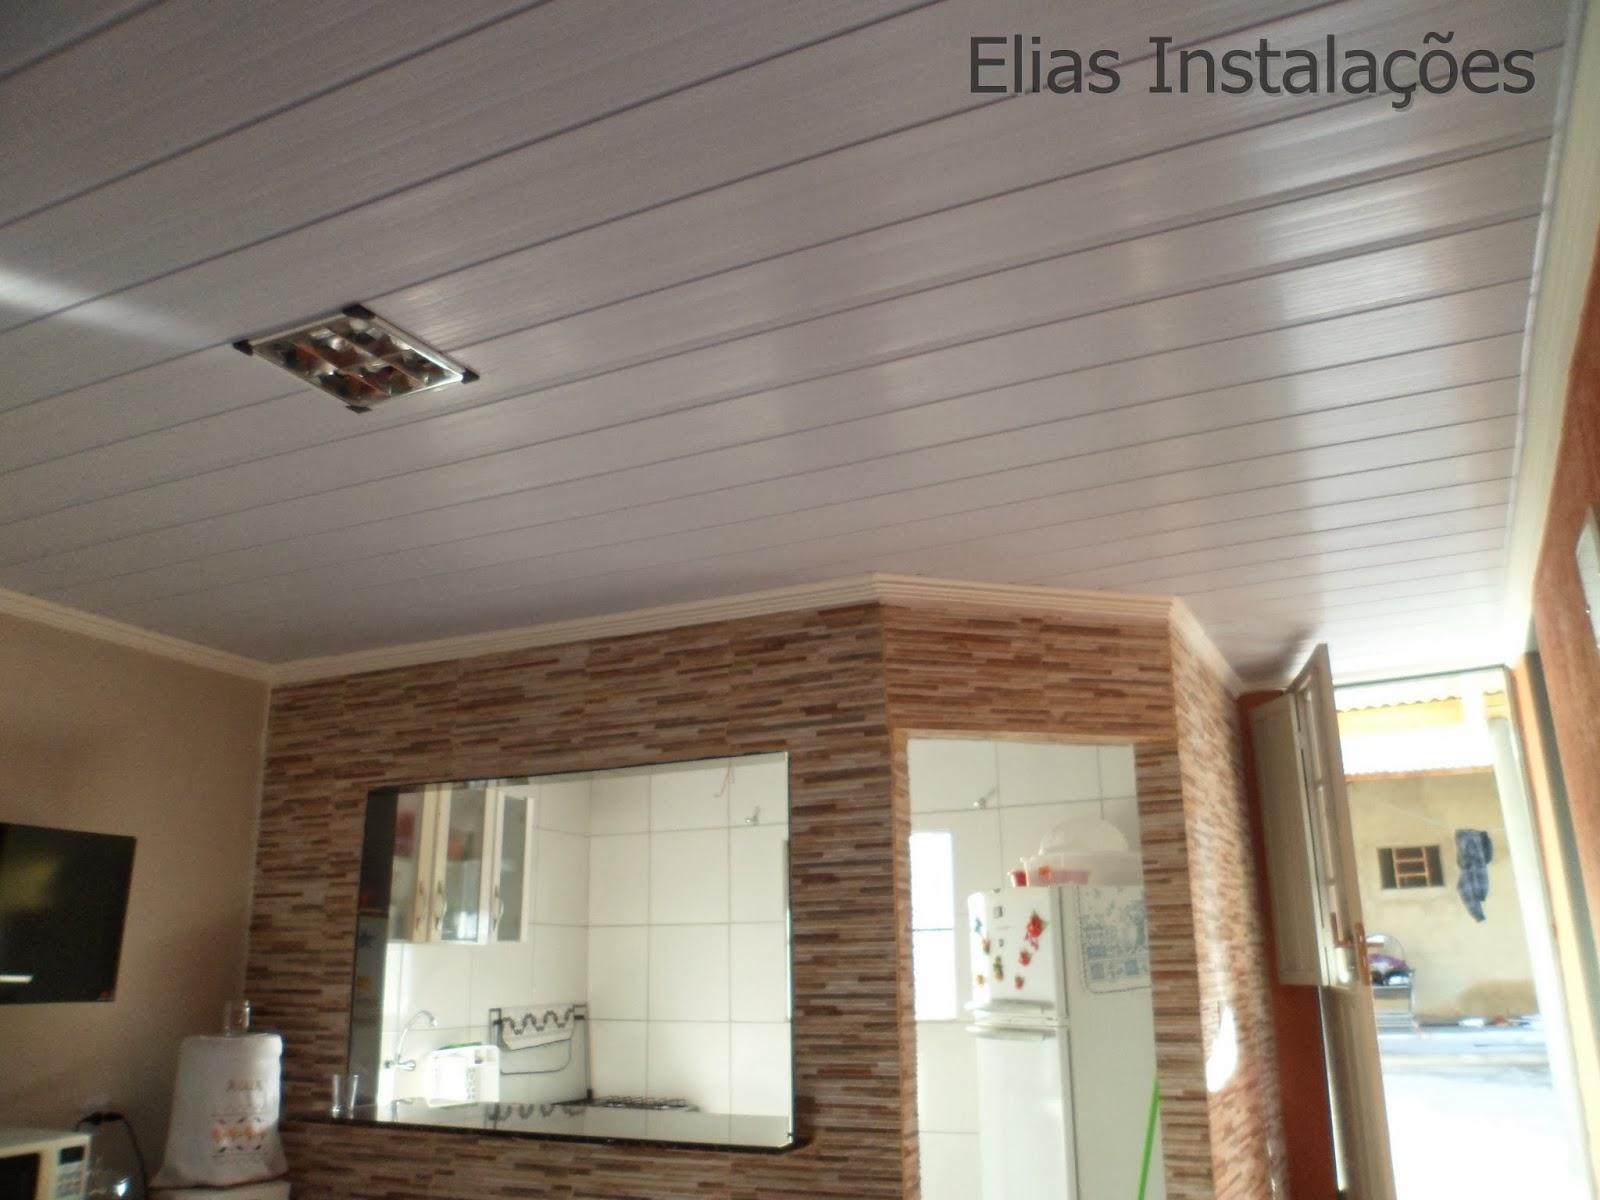 Elias Instalador: Cozinha com Forro Branco e Roda teto de Gesso #624935 1600x1200 Banheiro Com Janela Na Laje